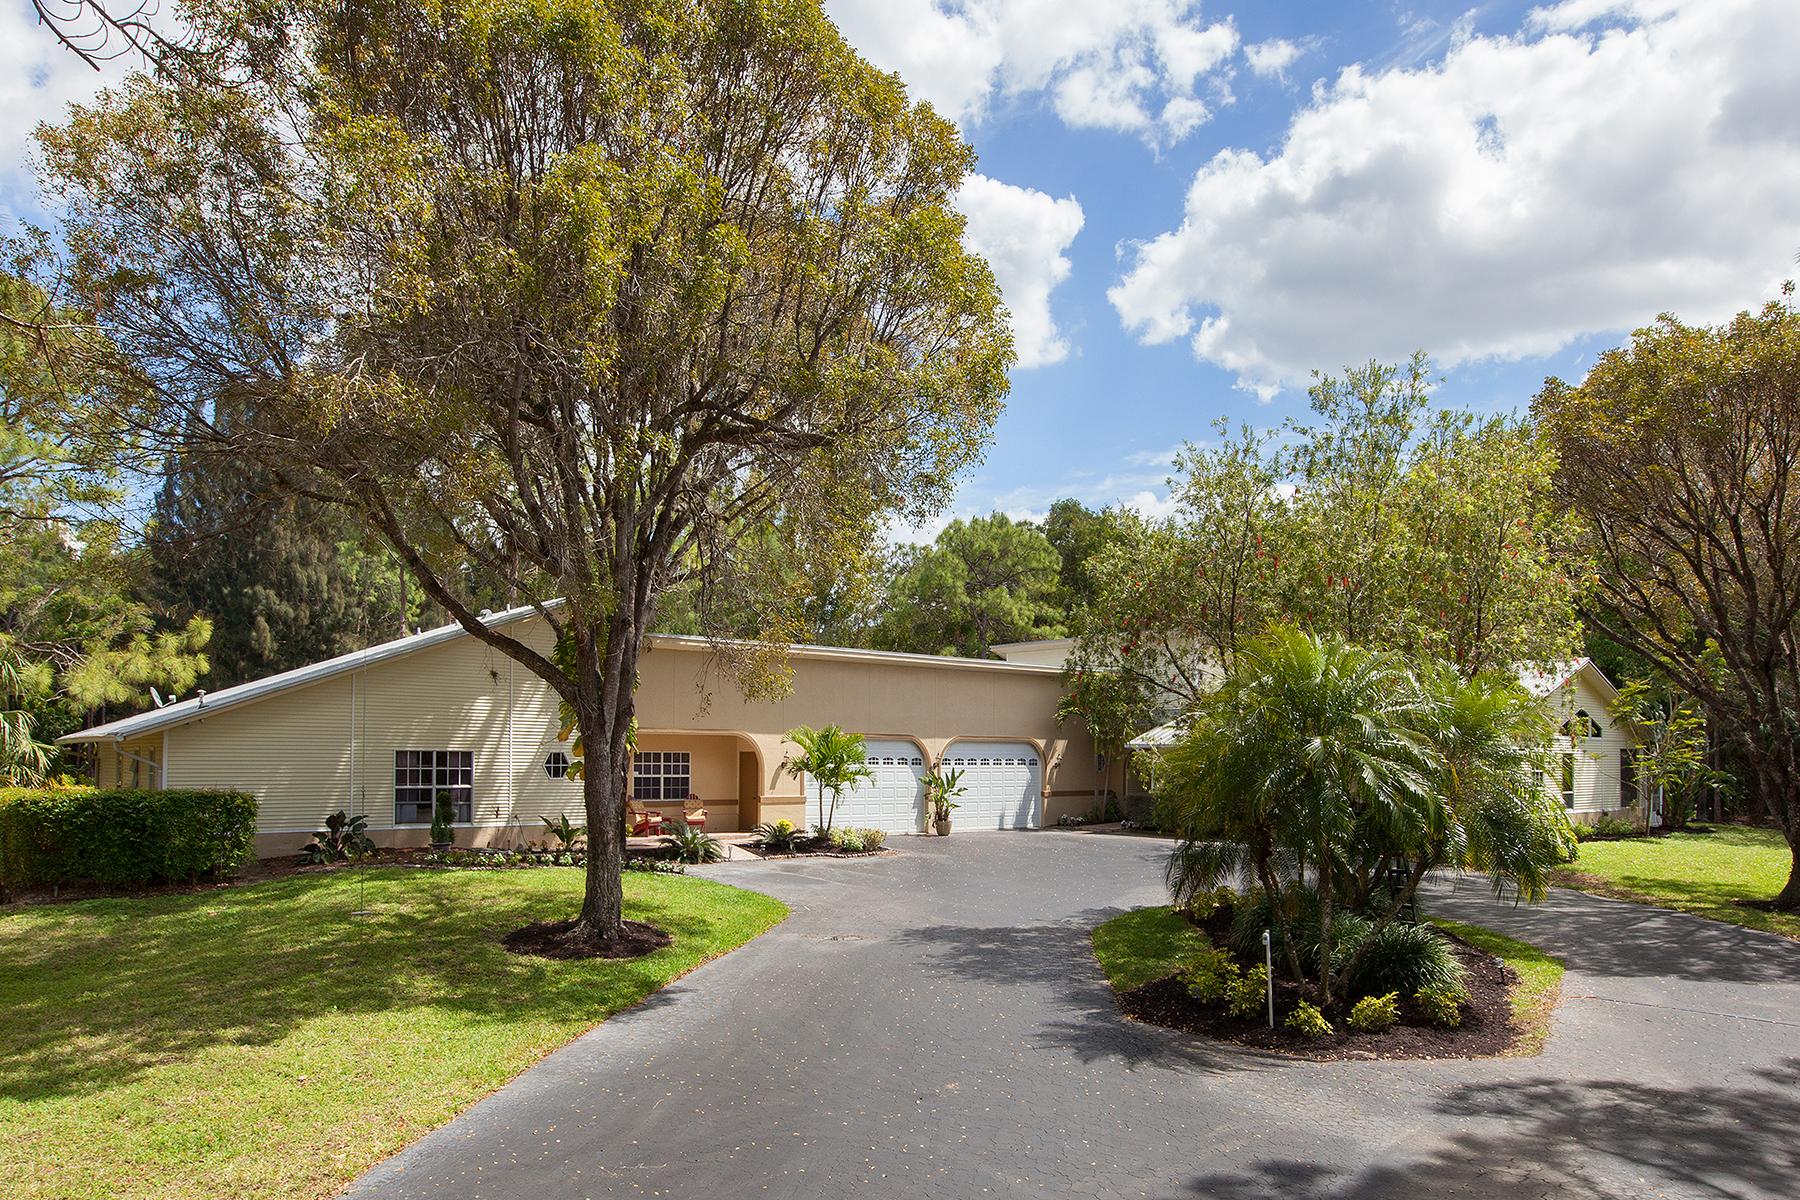 Maison unifamiliale pour l Vente à Naples 6960 Sable Ridge Ln Naples, Florida, 34109 États-Unis